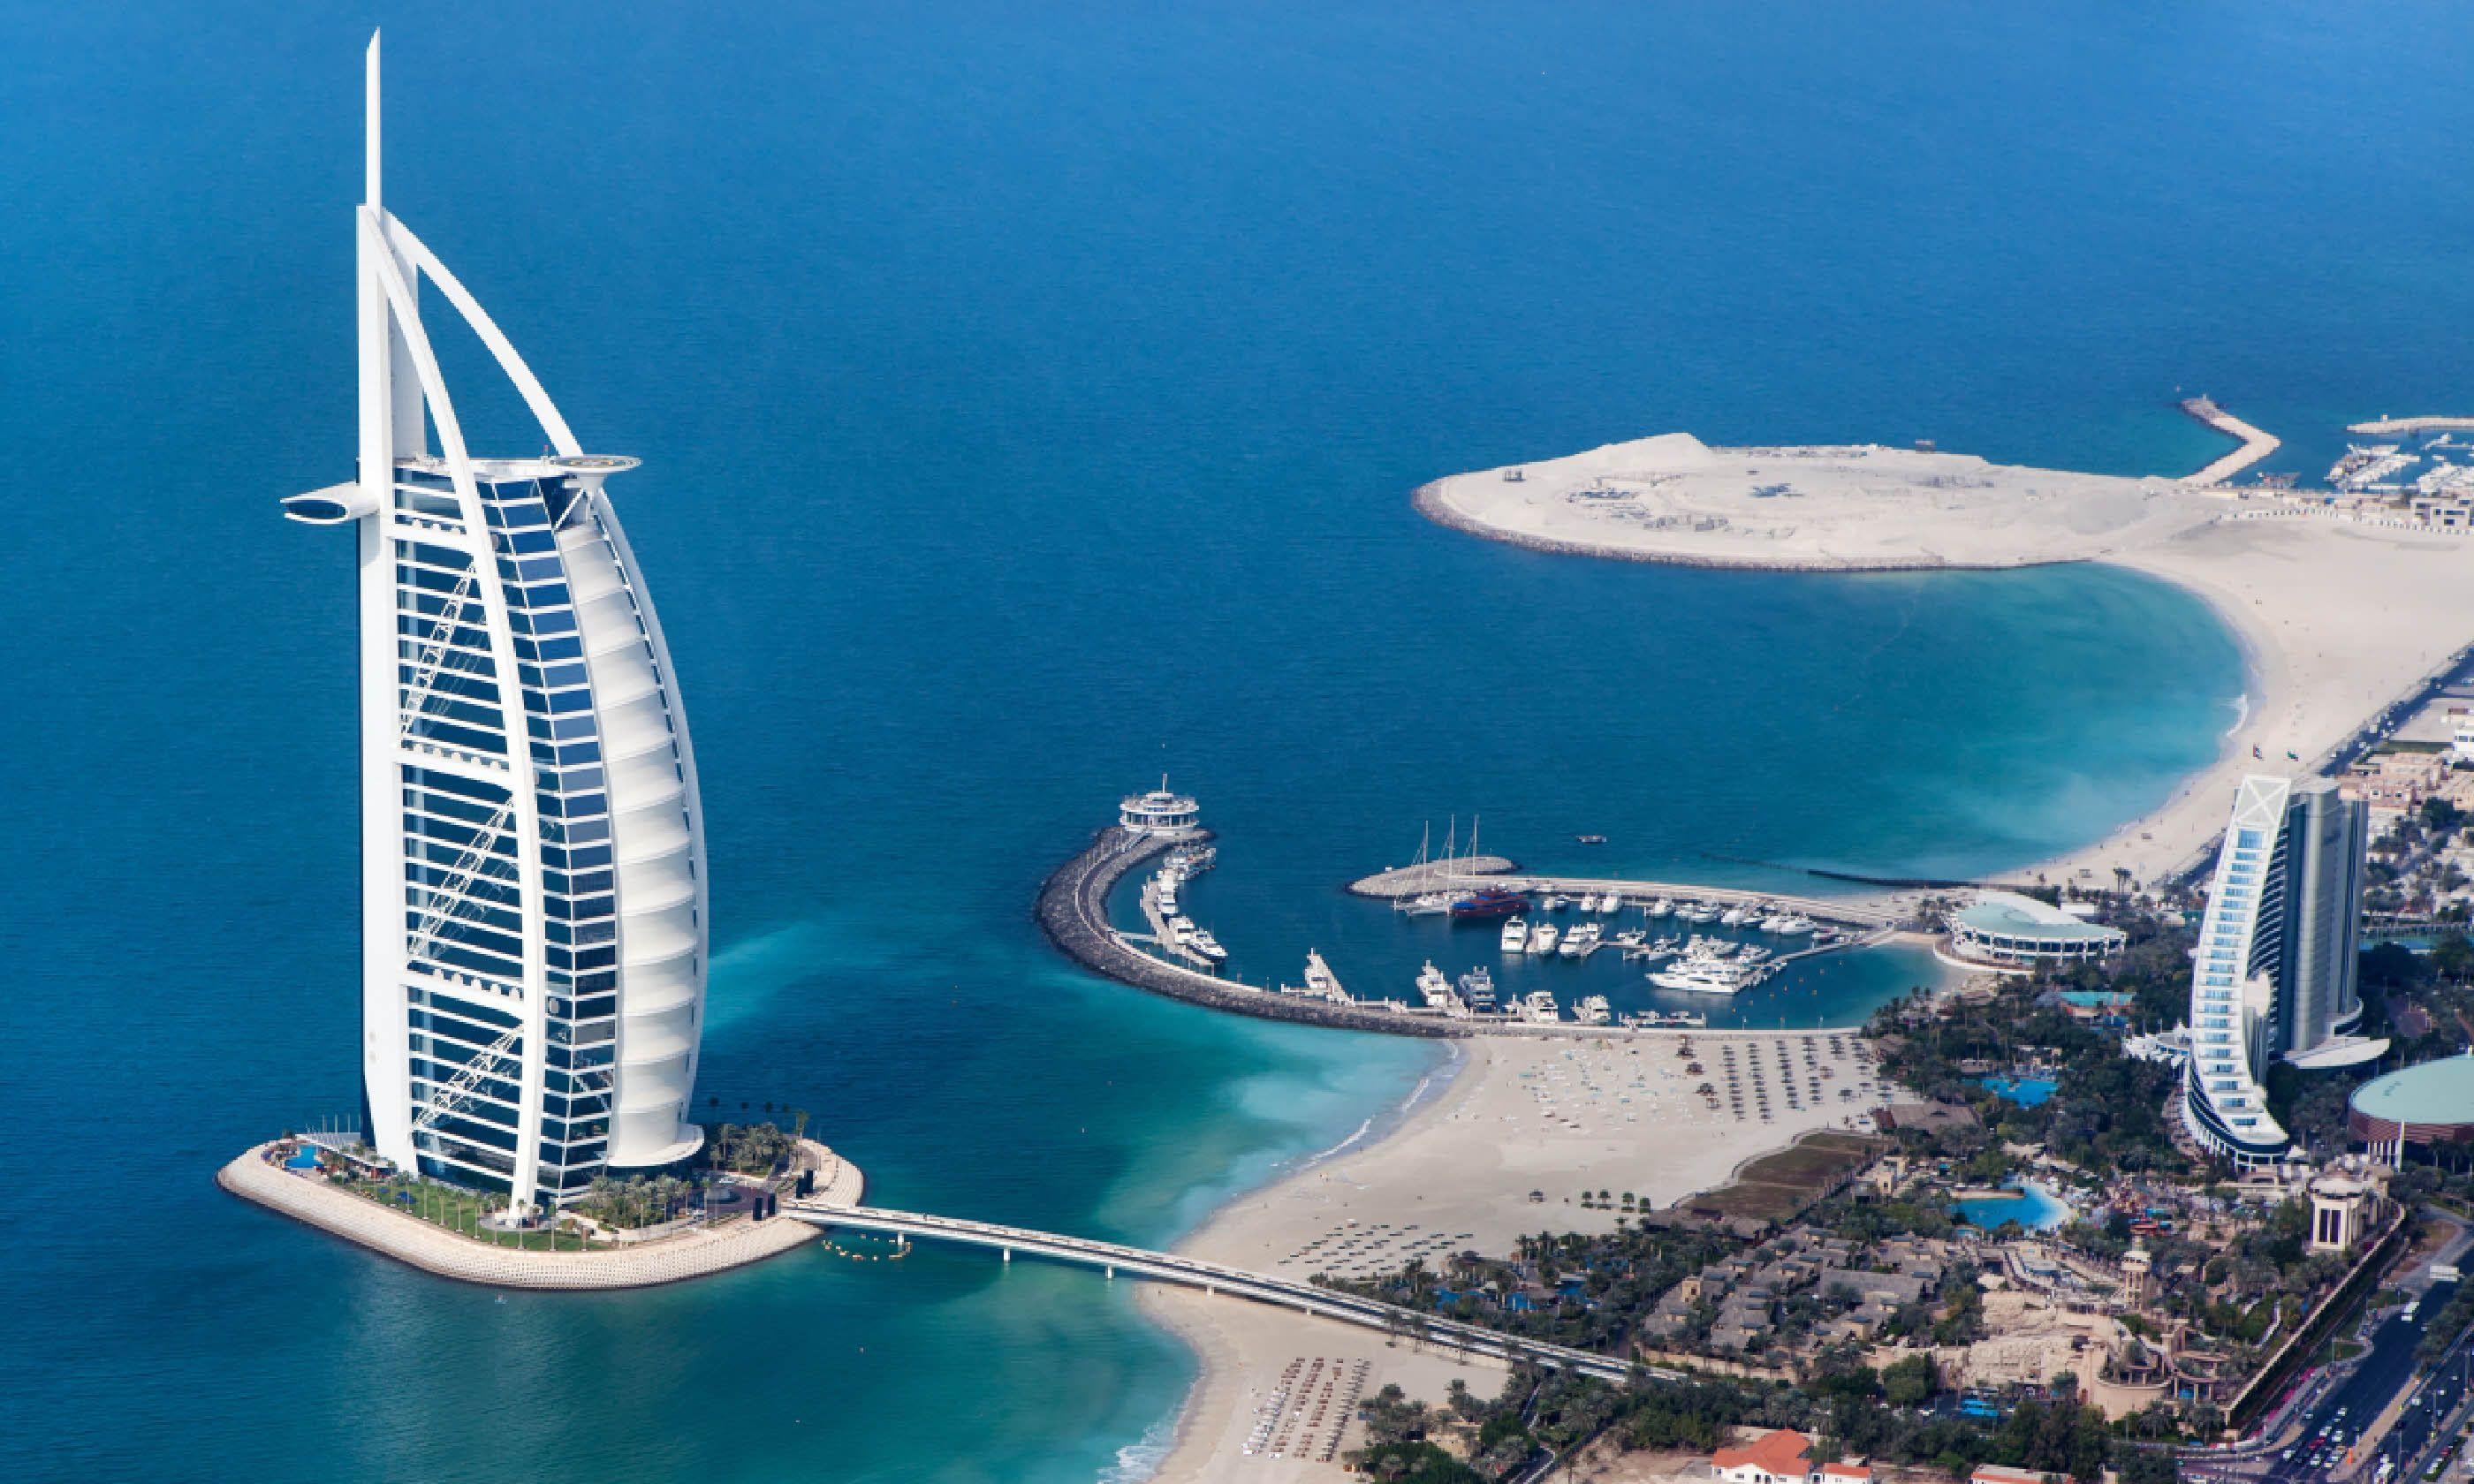 The iconic Burj Al Arab hotel in Dubai (Shutterstock)